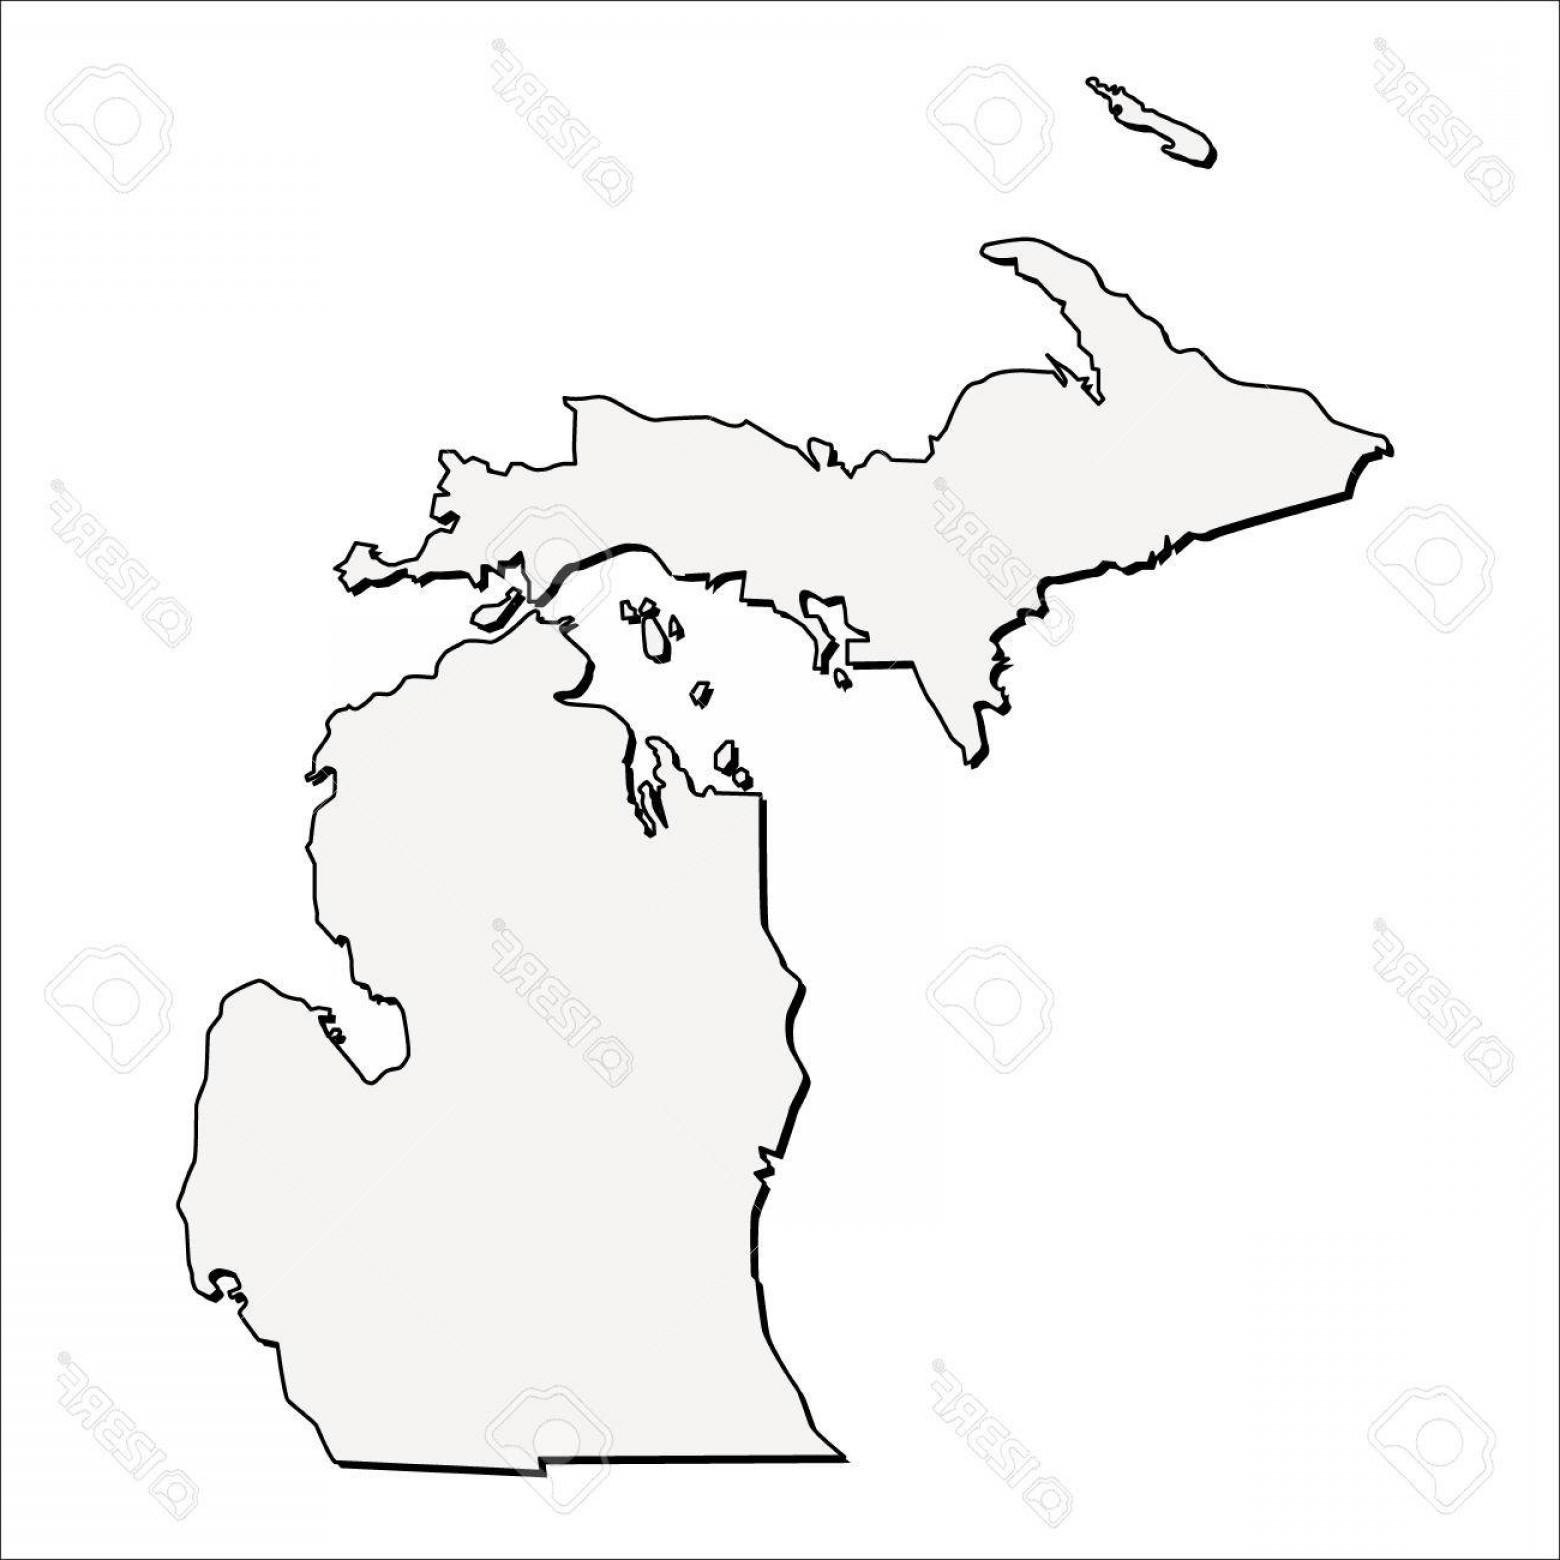 1560x1560 Michigan Outline Vector Geekchicpro